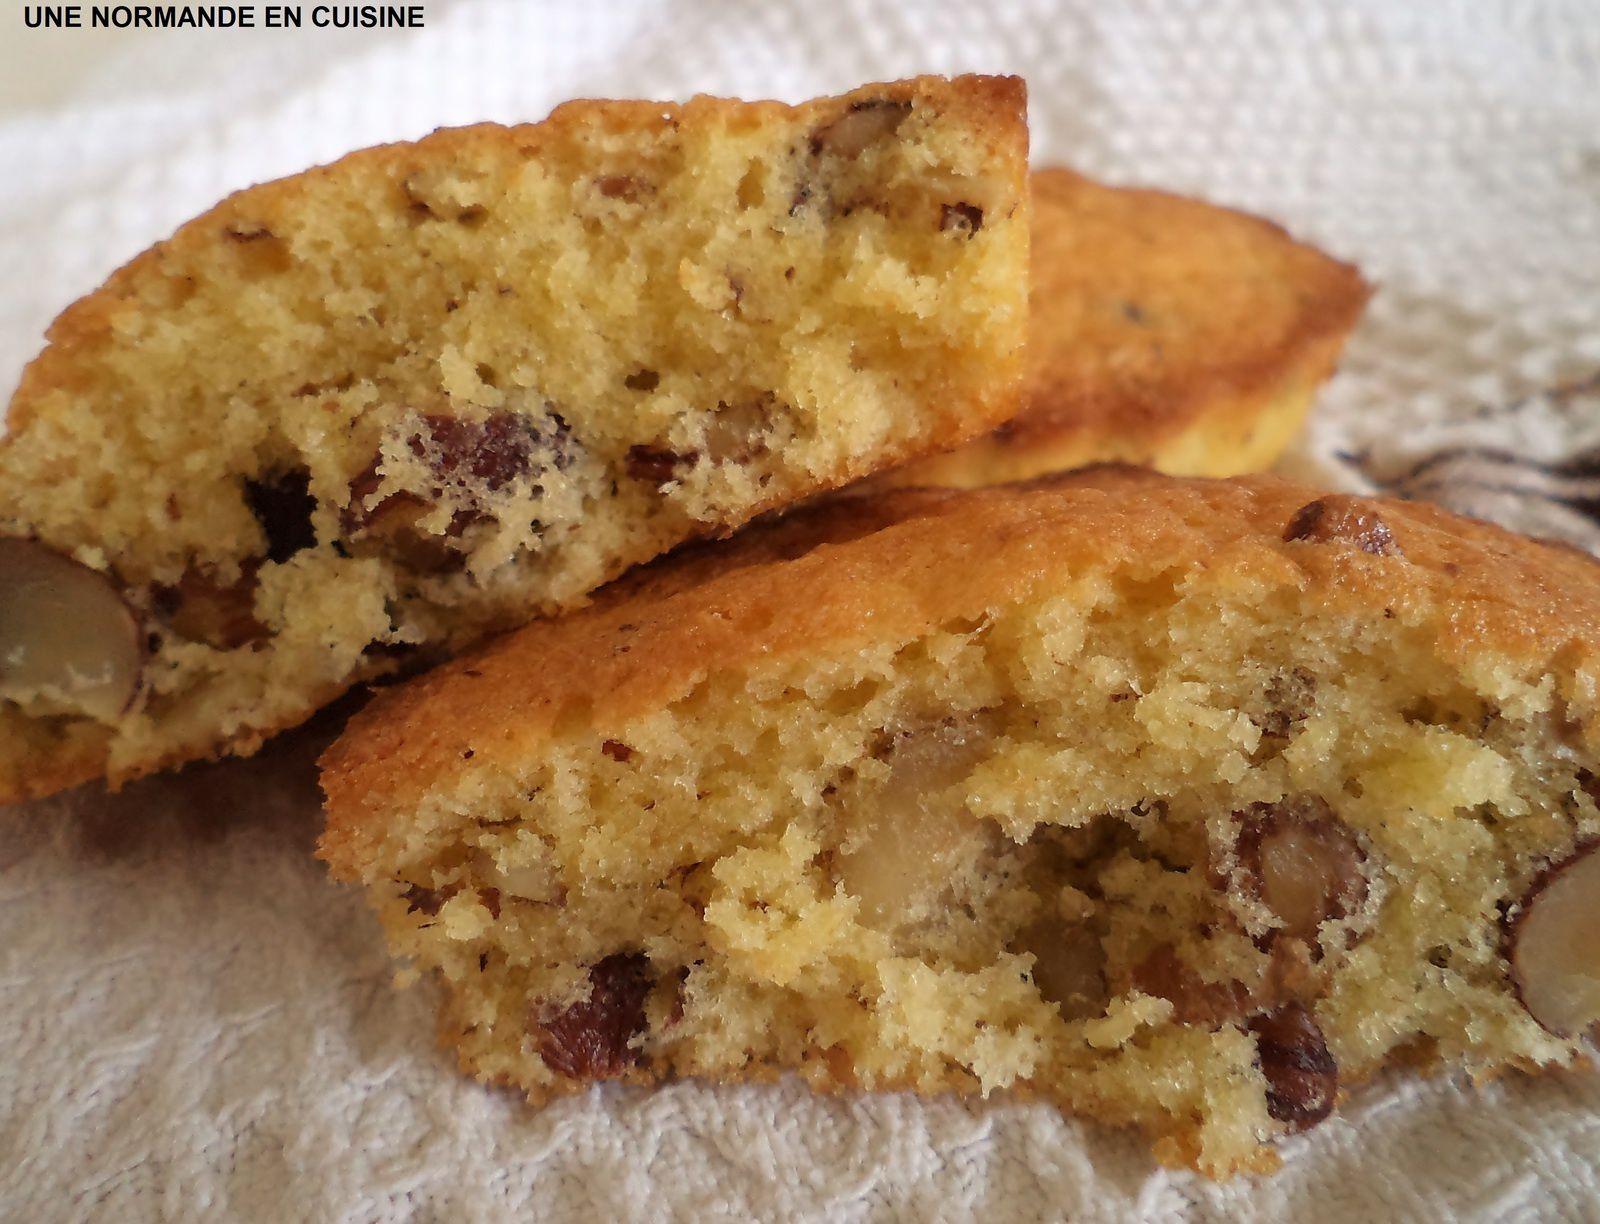 Petits gâteaux aux noisettes